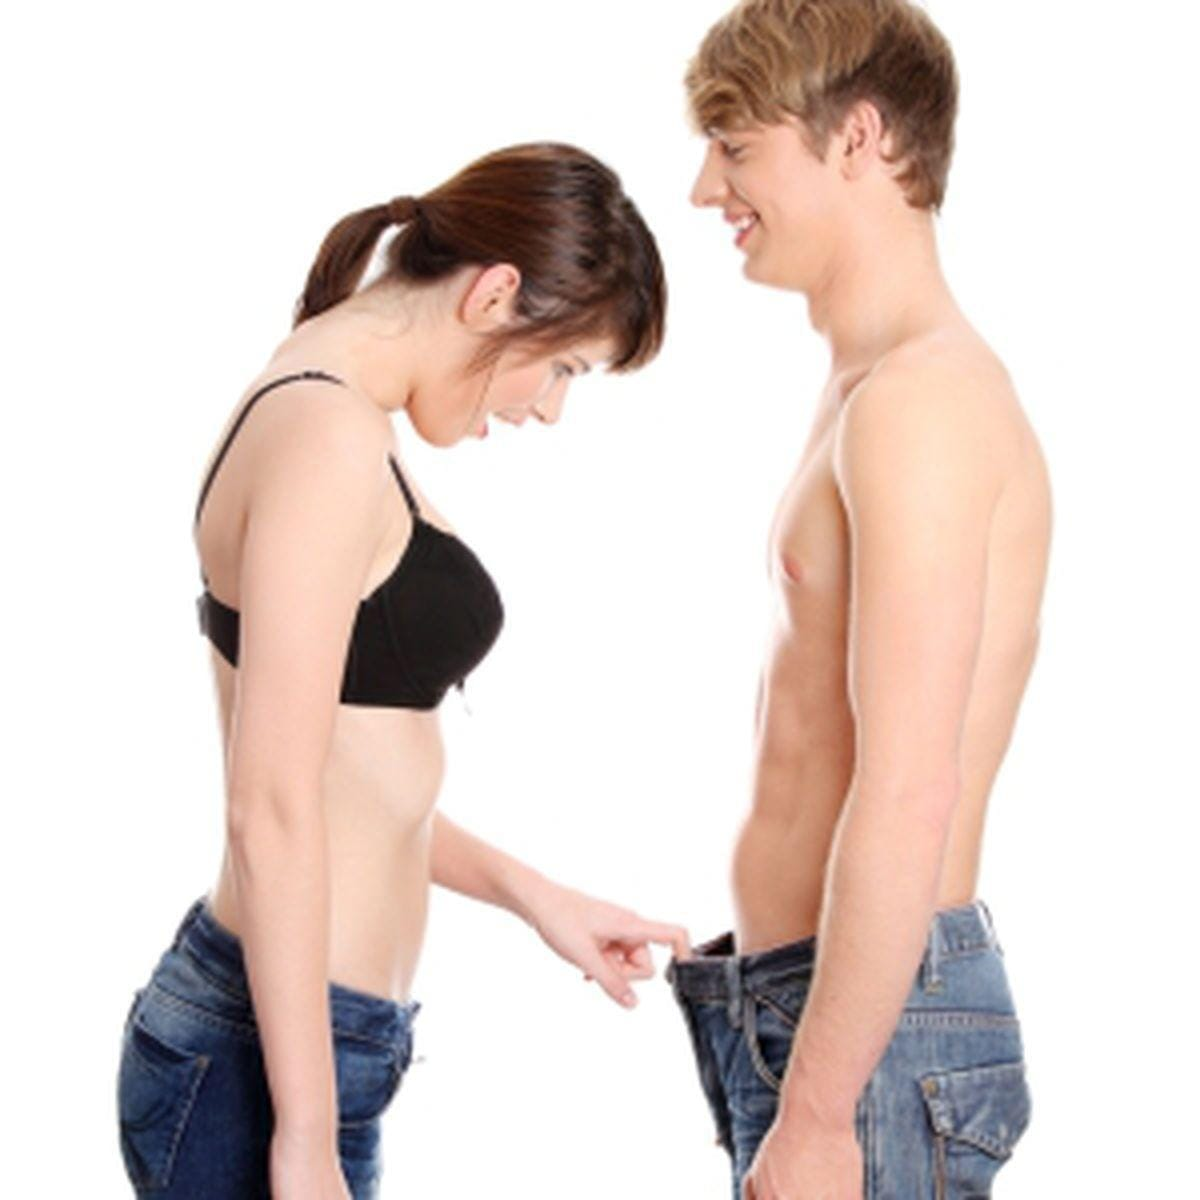 erecție cu sau fără bărbat pentru femeie